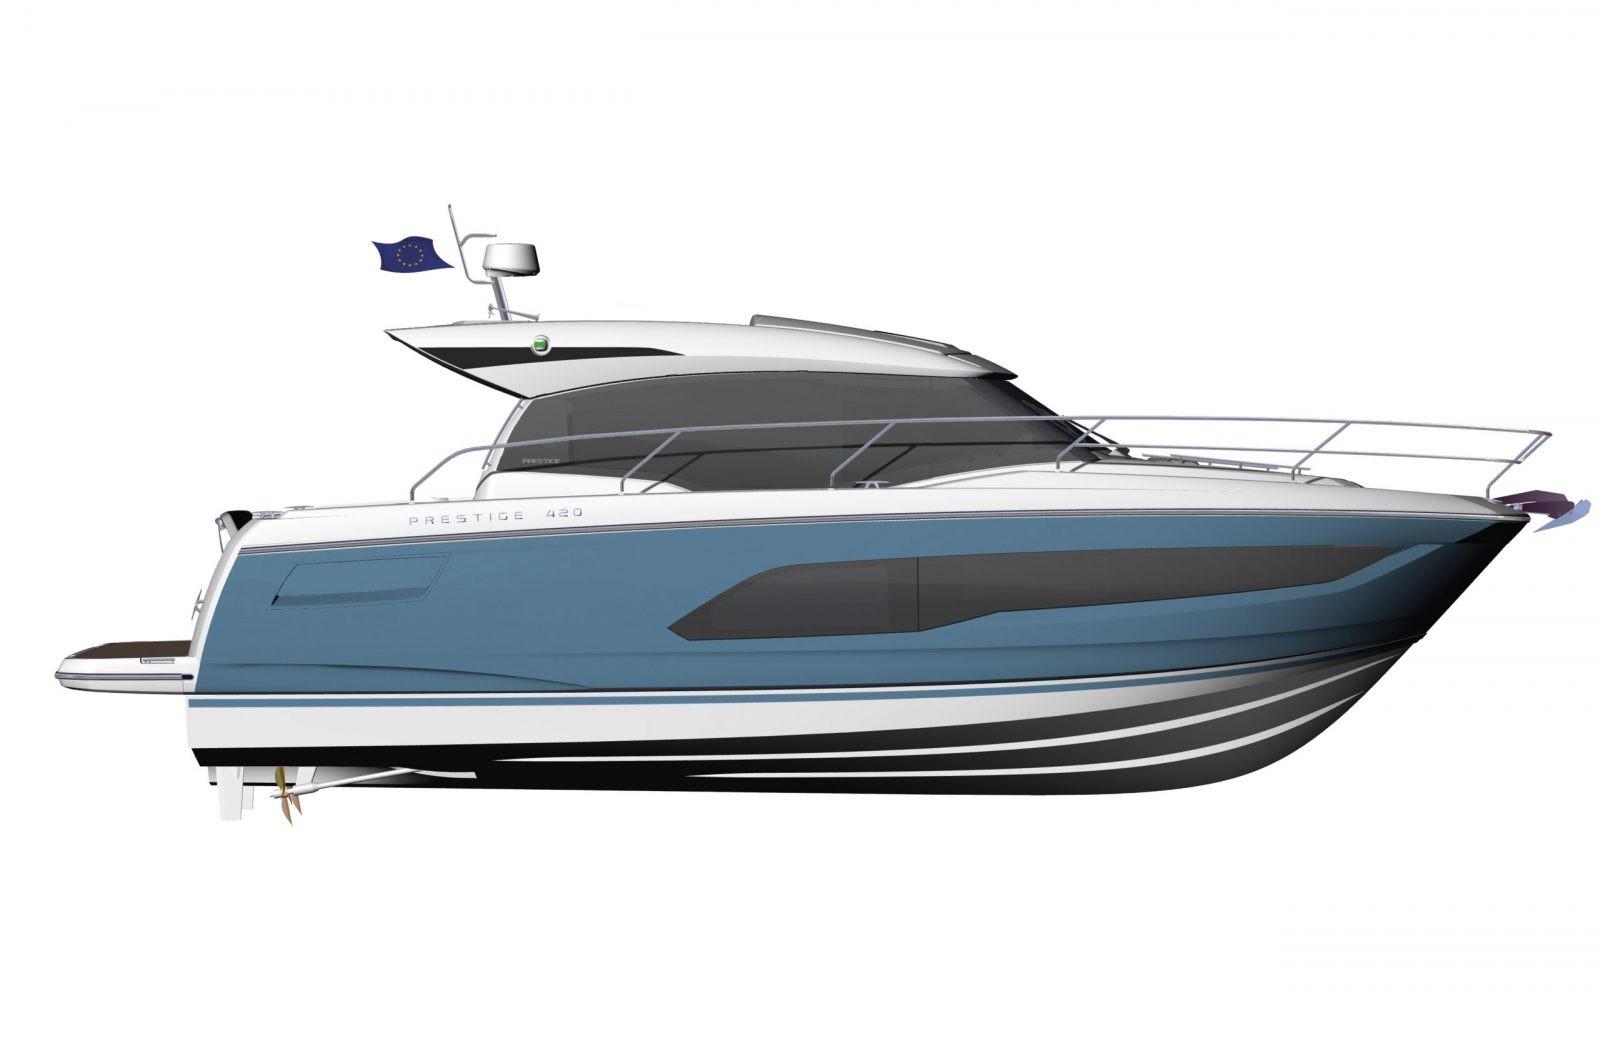 PRESTIGE-420S---Profil---Blue-hull-